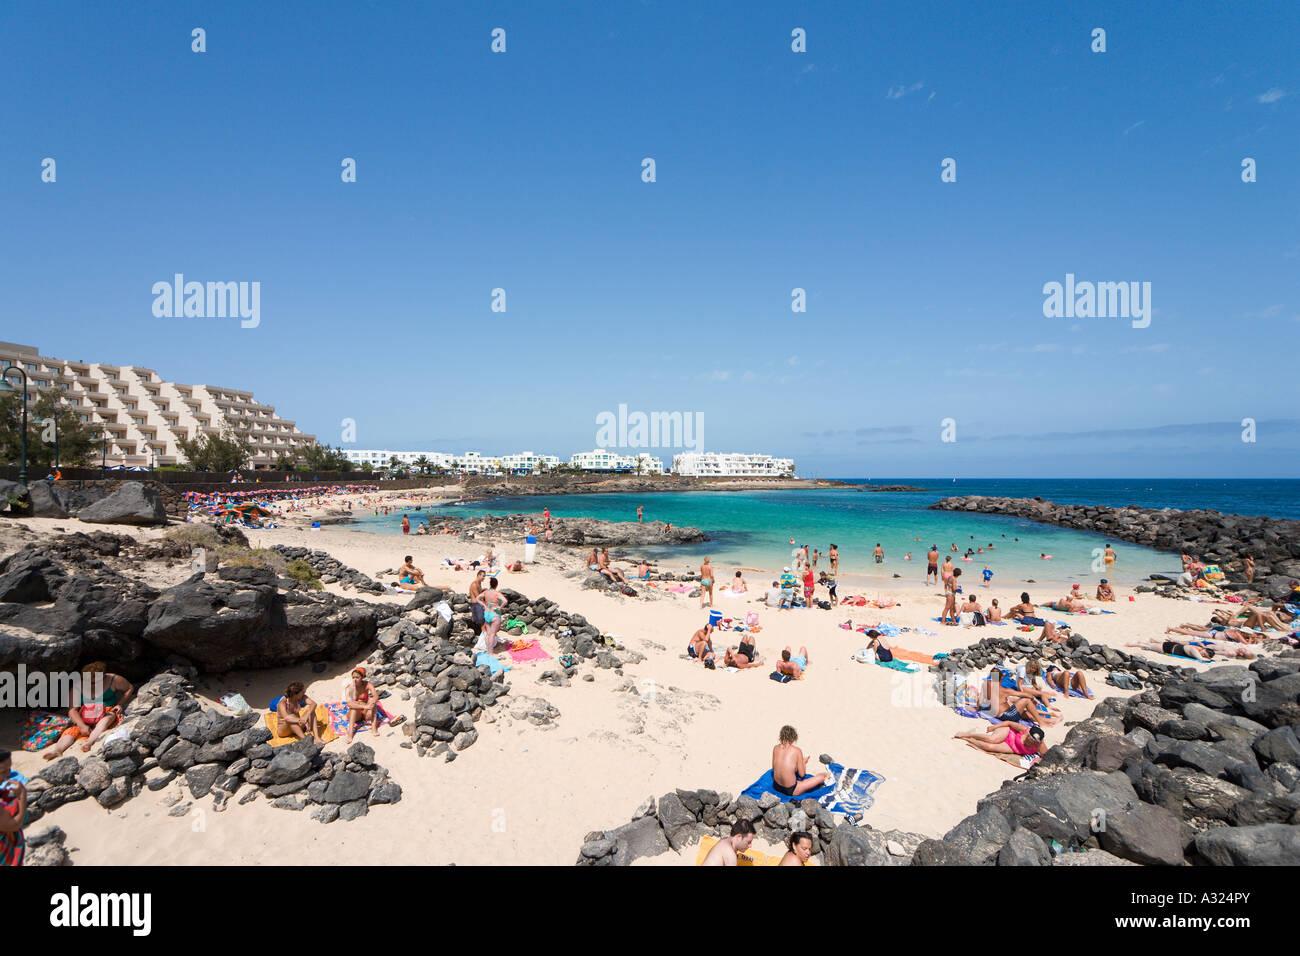 Strand von Playa del Jablillo, Costa Teguise, Lanzarote, Kanarische Inseln, Spanien Stockbild